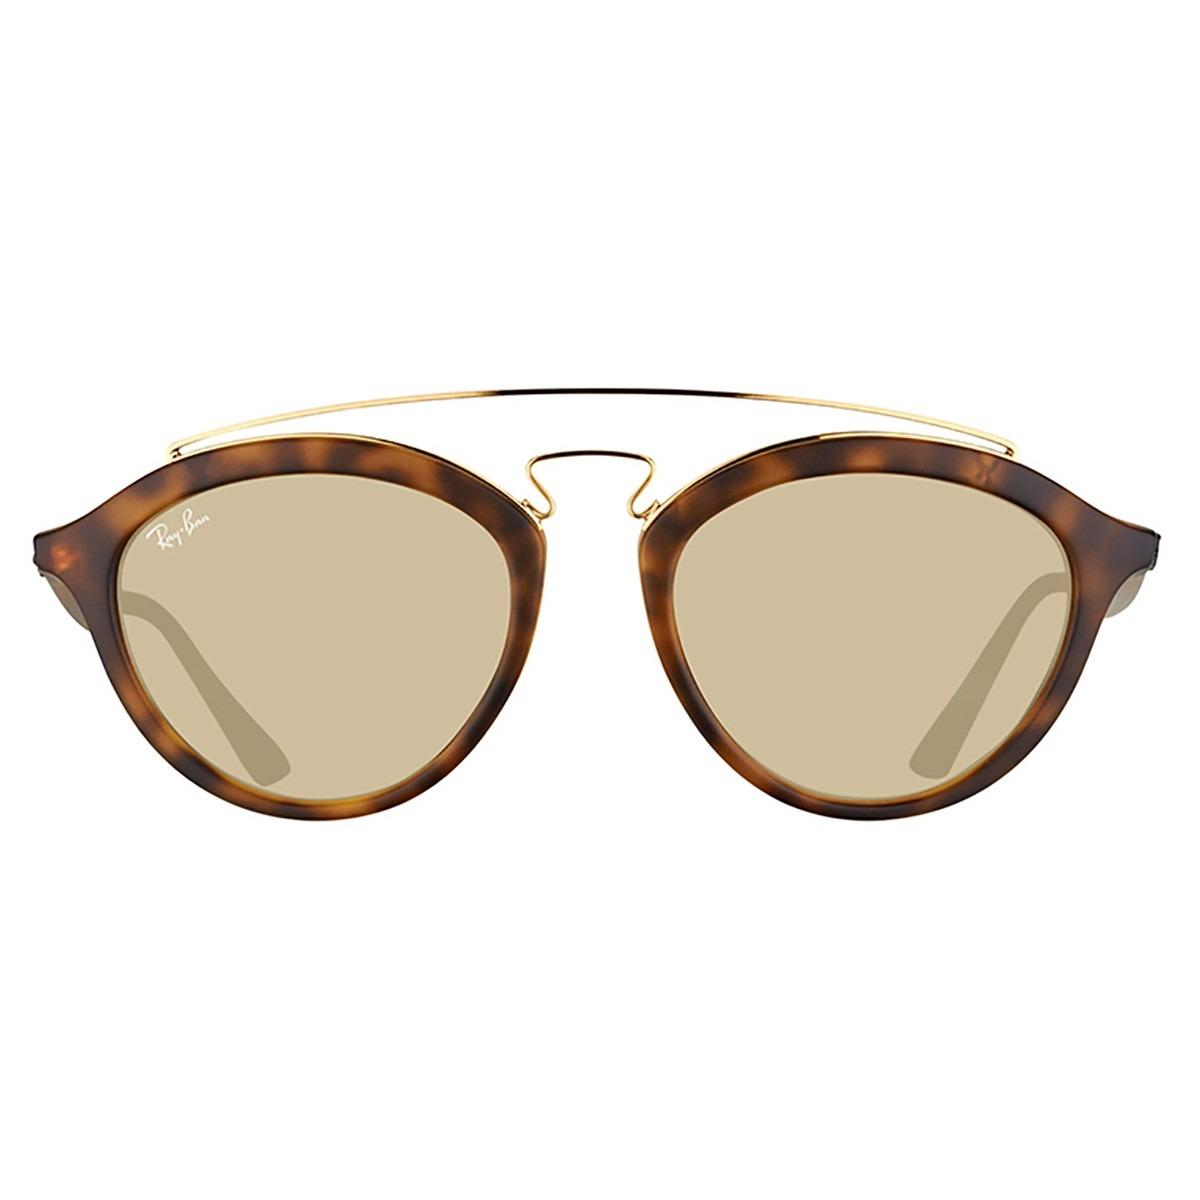 02671d33786a8 Óculos De Sol Ray Ban Gatsby Oval Rb4257 - R  488,00 em Mercado Livre